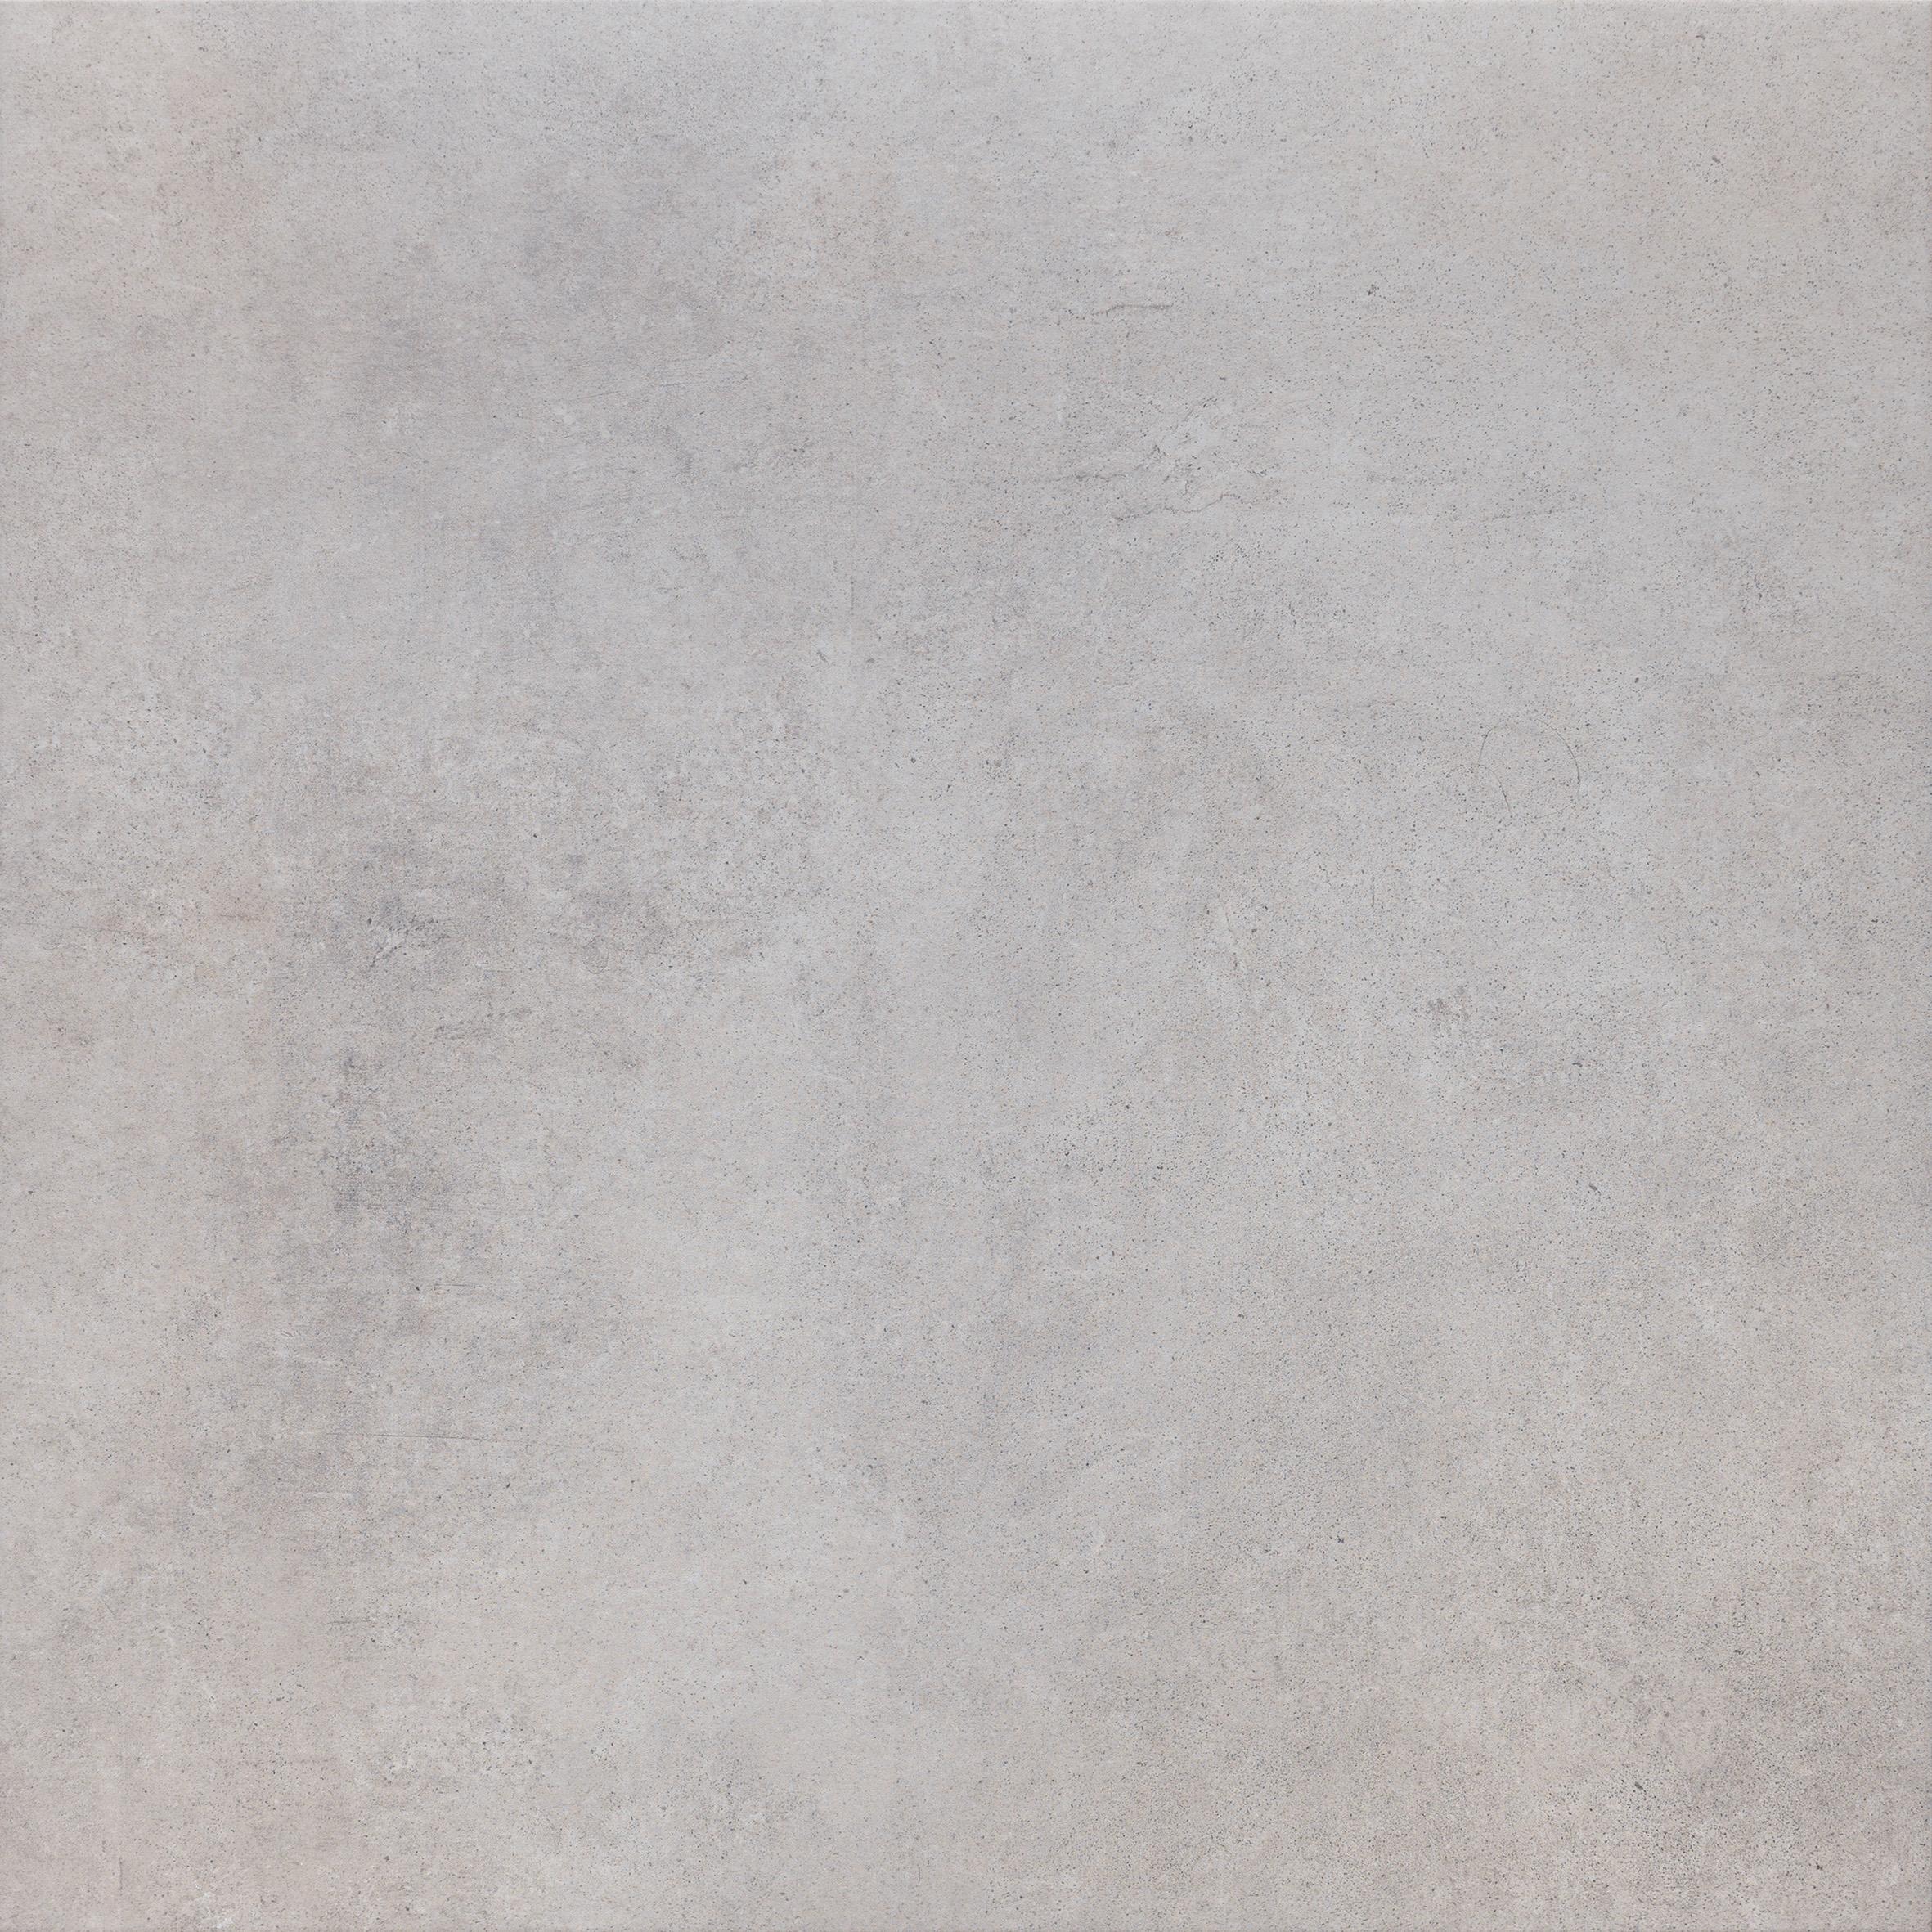 Fliesen Kemmler Wand Und Bodenfliese Envie In Der Farbe Grau Und - Feinsteinzeug fliesen stärke